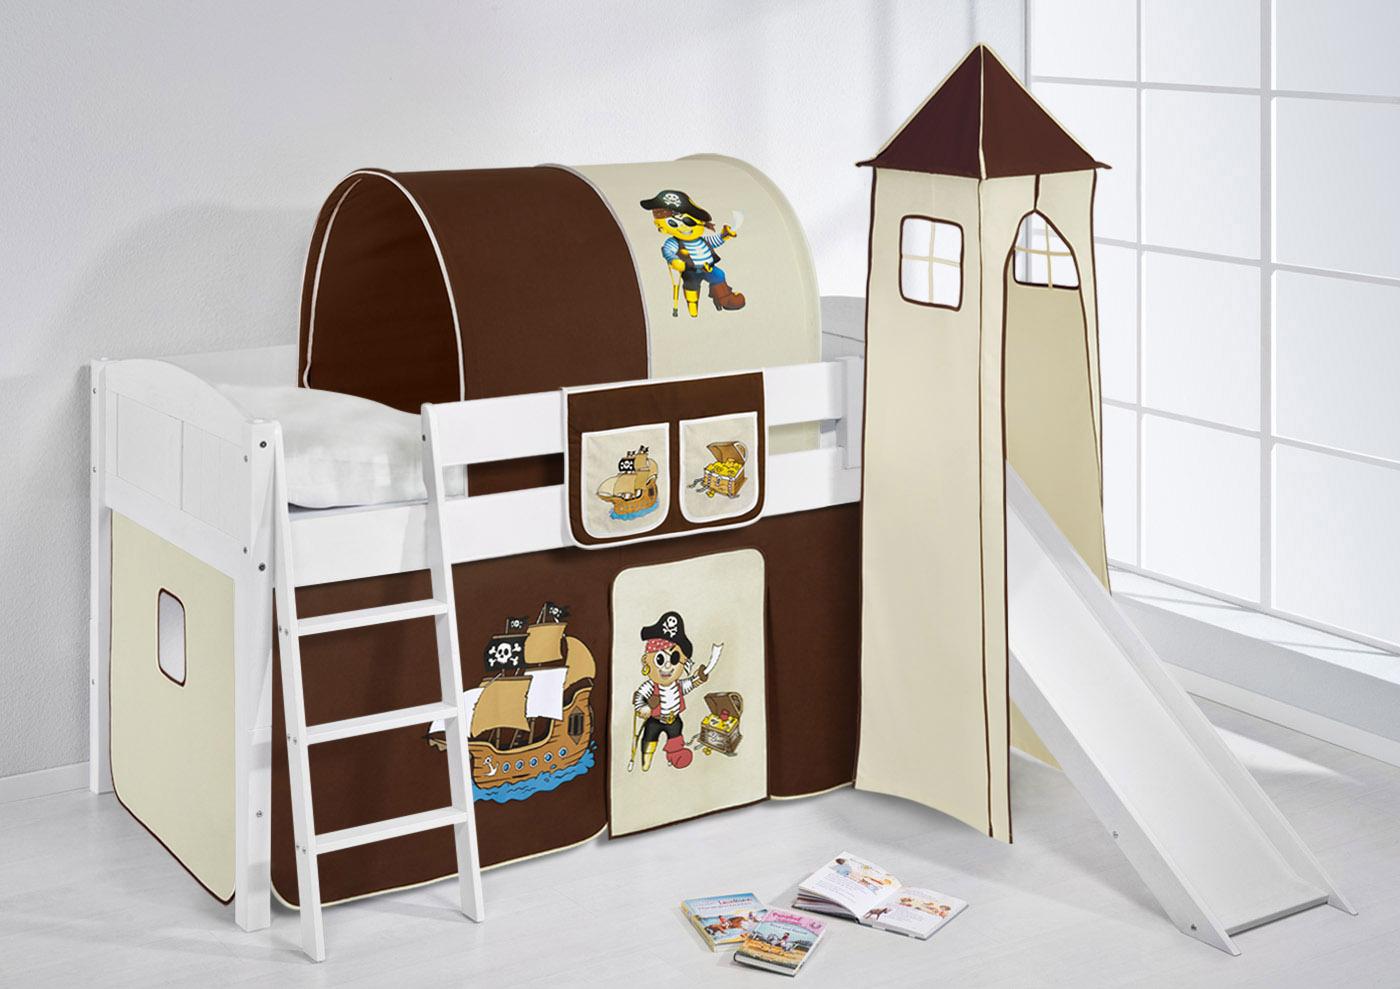 spielbett hochbett kinderbett kinder bett mit turm und rutsche 4106 ebay. Black Bedroom Furniture Sets. Home Design Ideas